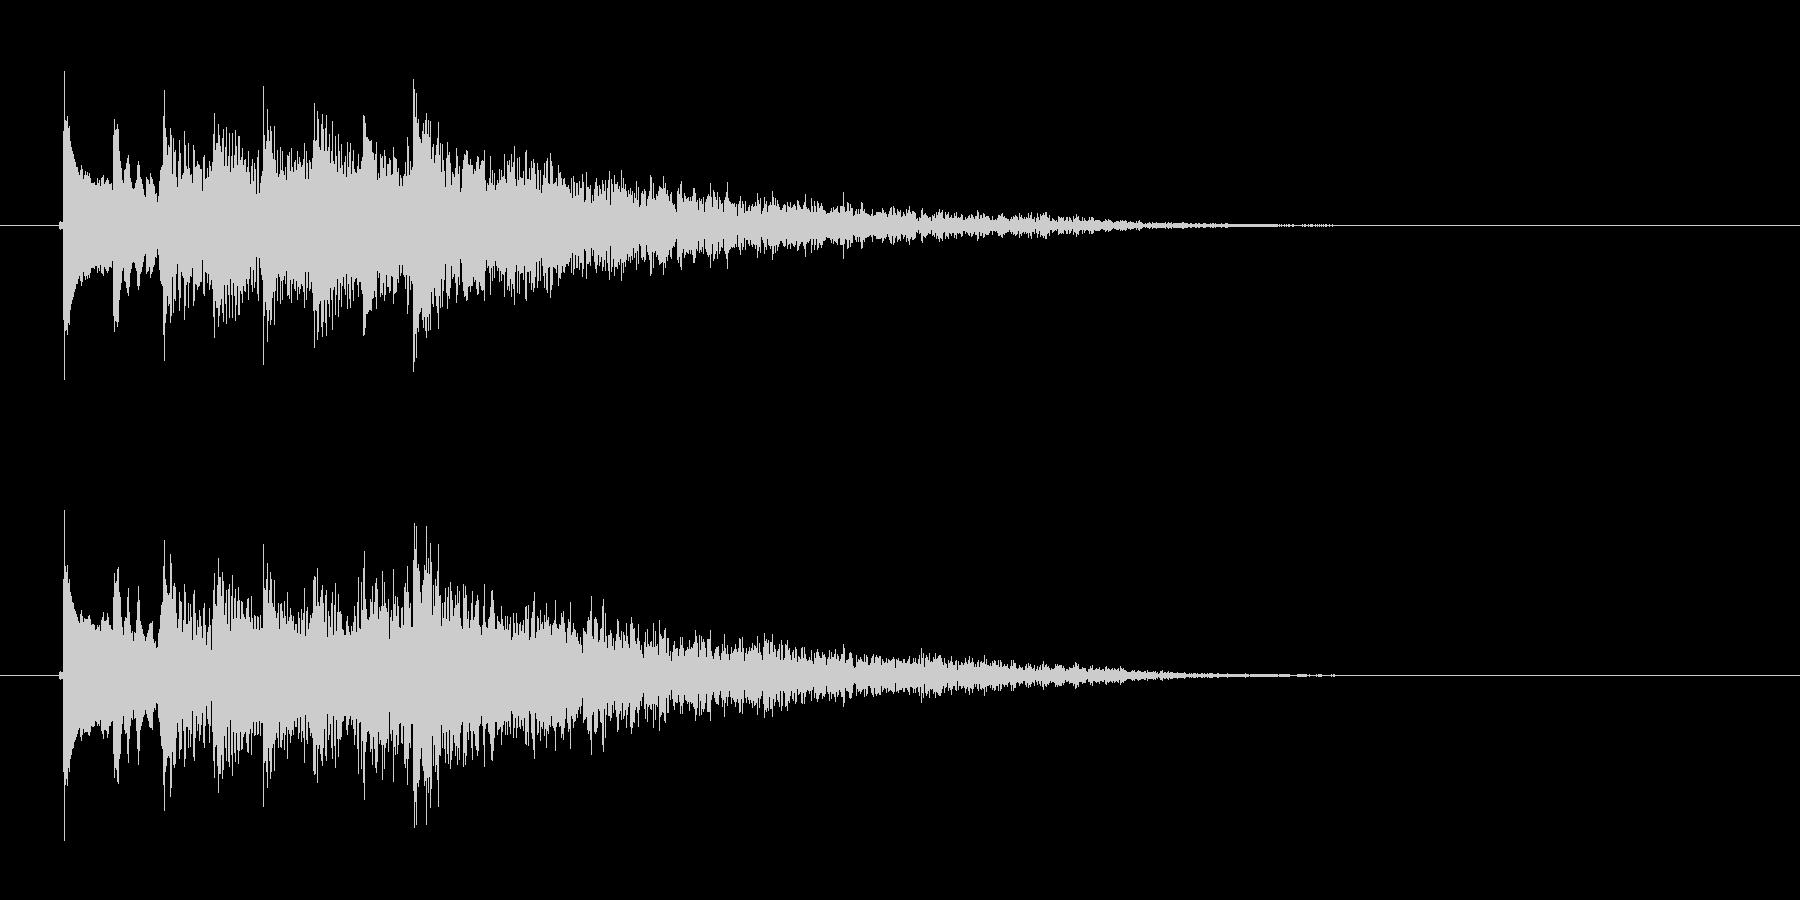 透明感のある弦楽器サウンドの未再生の波形